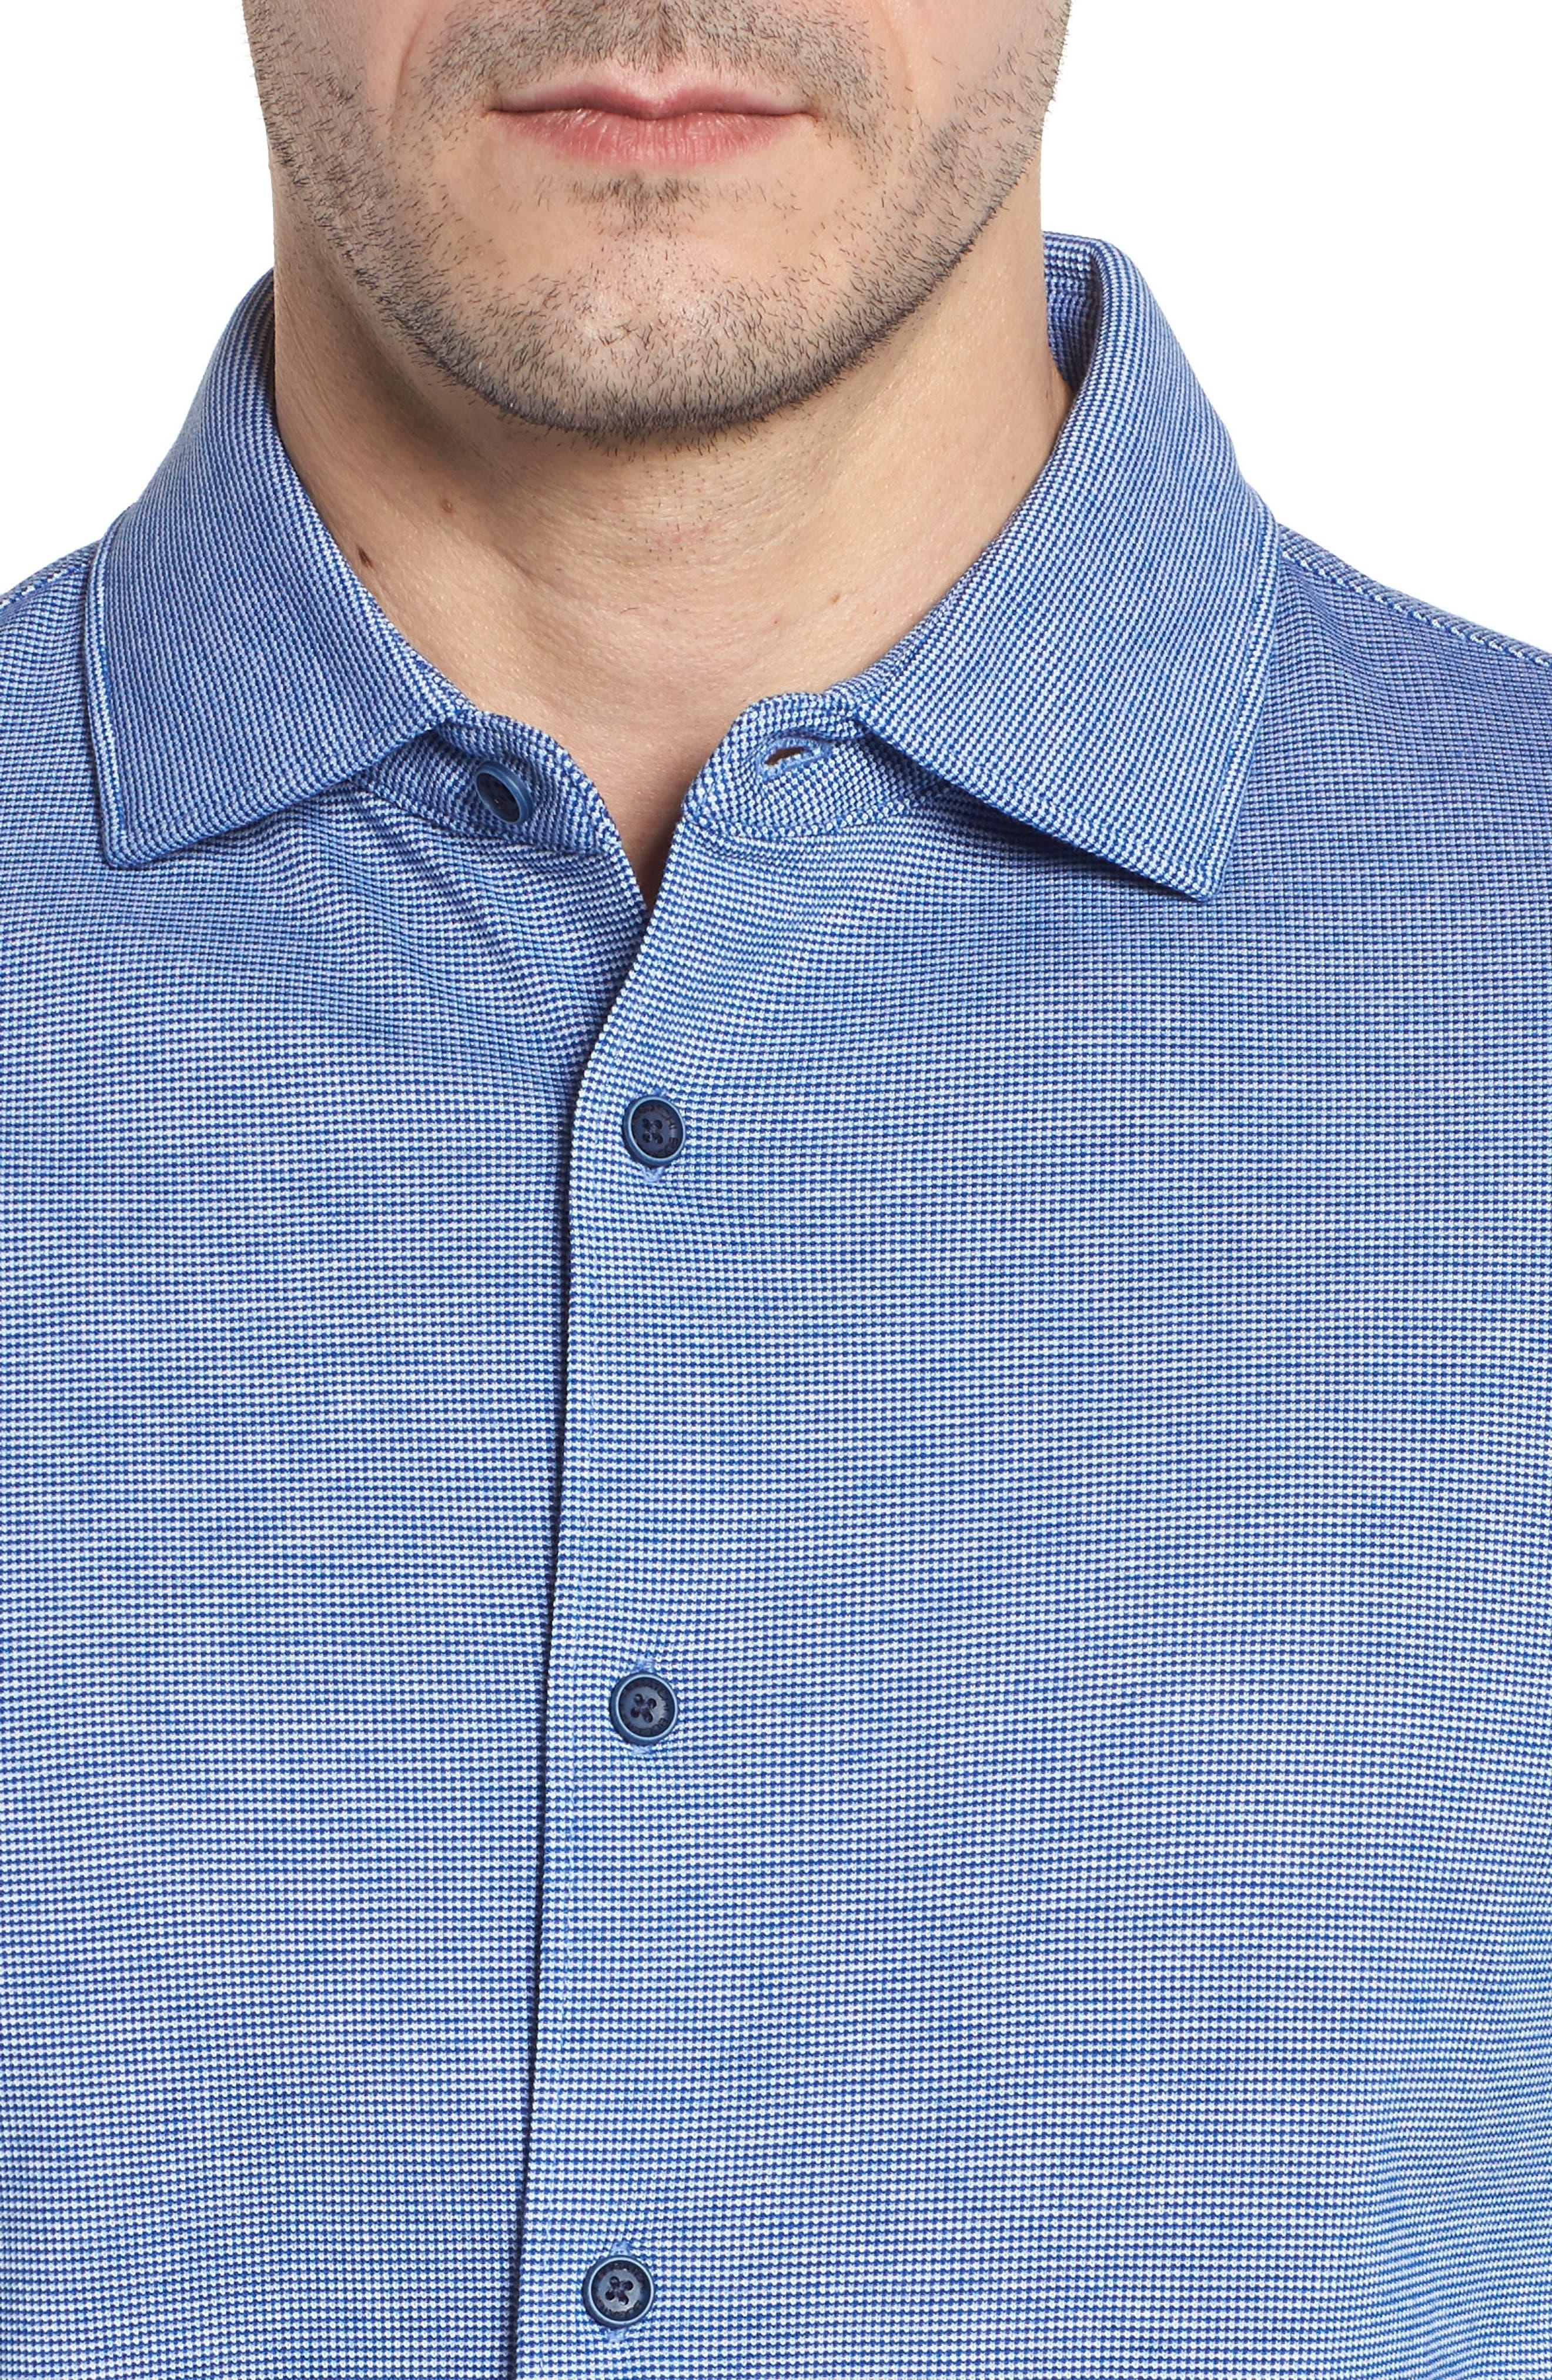 Regular Fit Piqué Cotton Sport Shirt,                             Alternate thumbnail 4, color,                             Navy